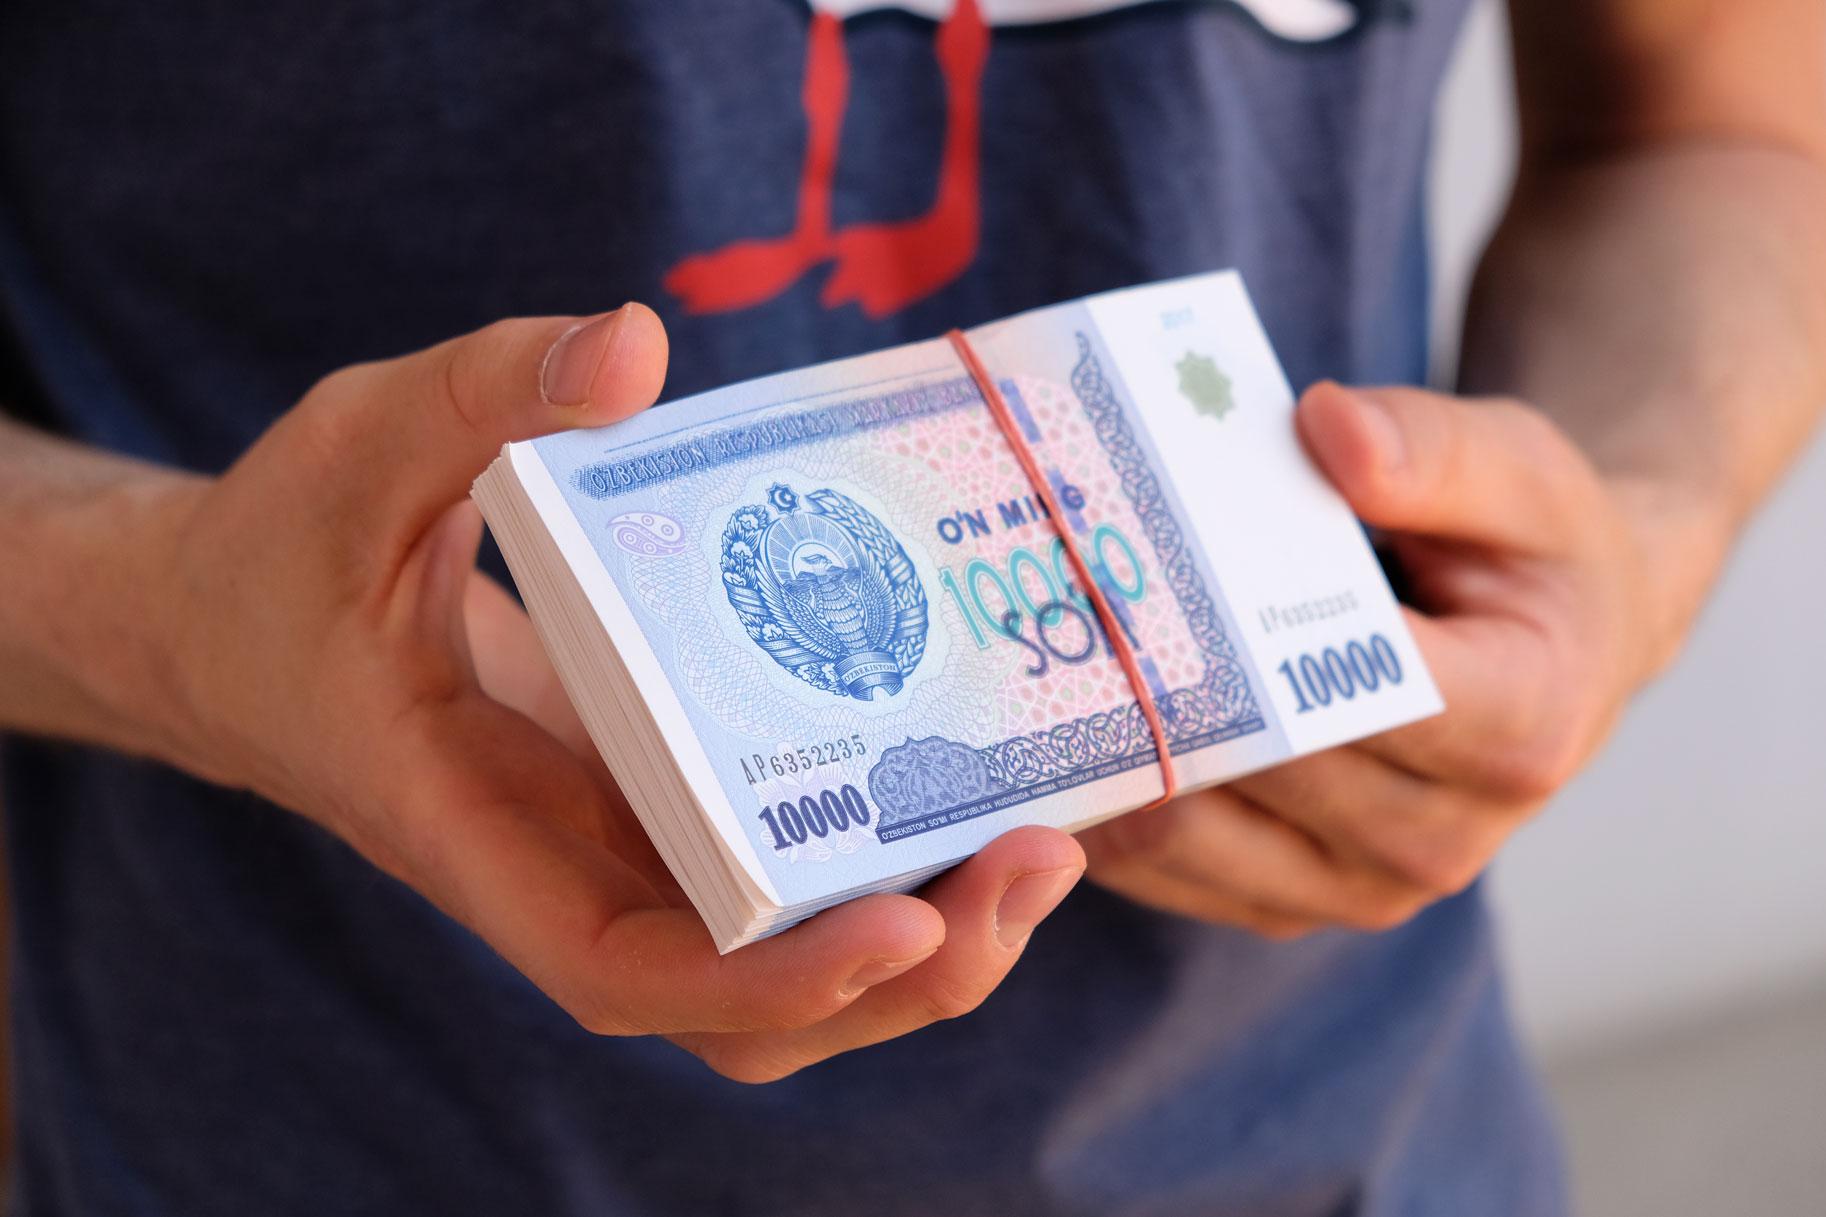 Ein Bündel Geldscheine der usbekischen Währung Som